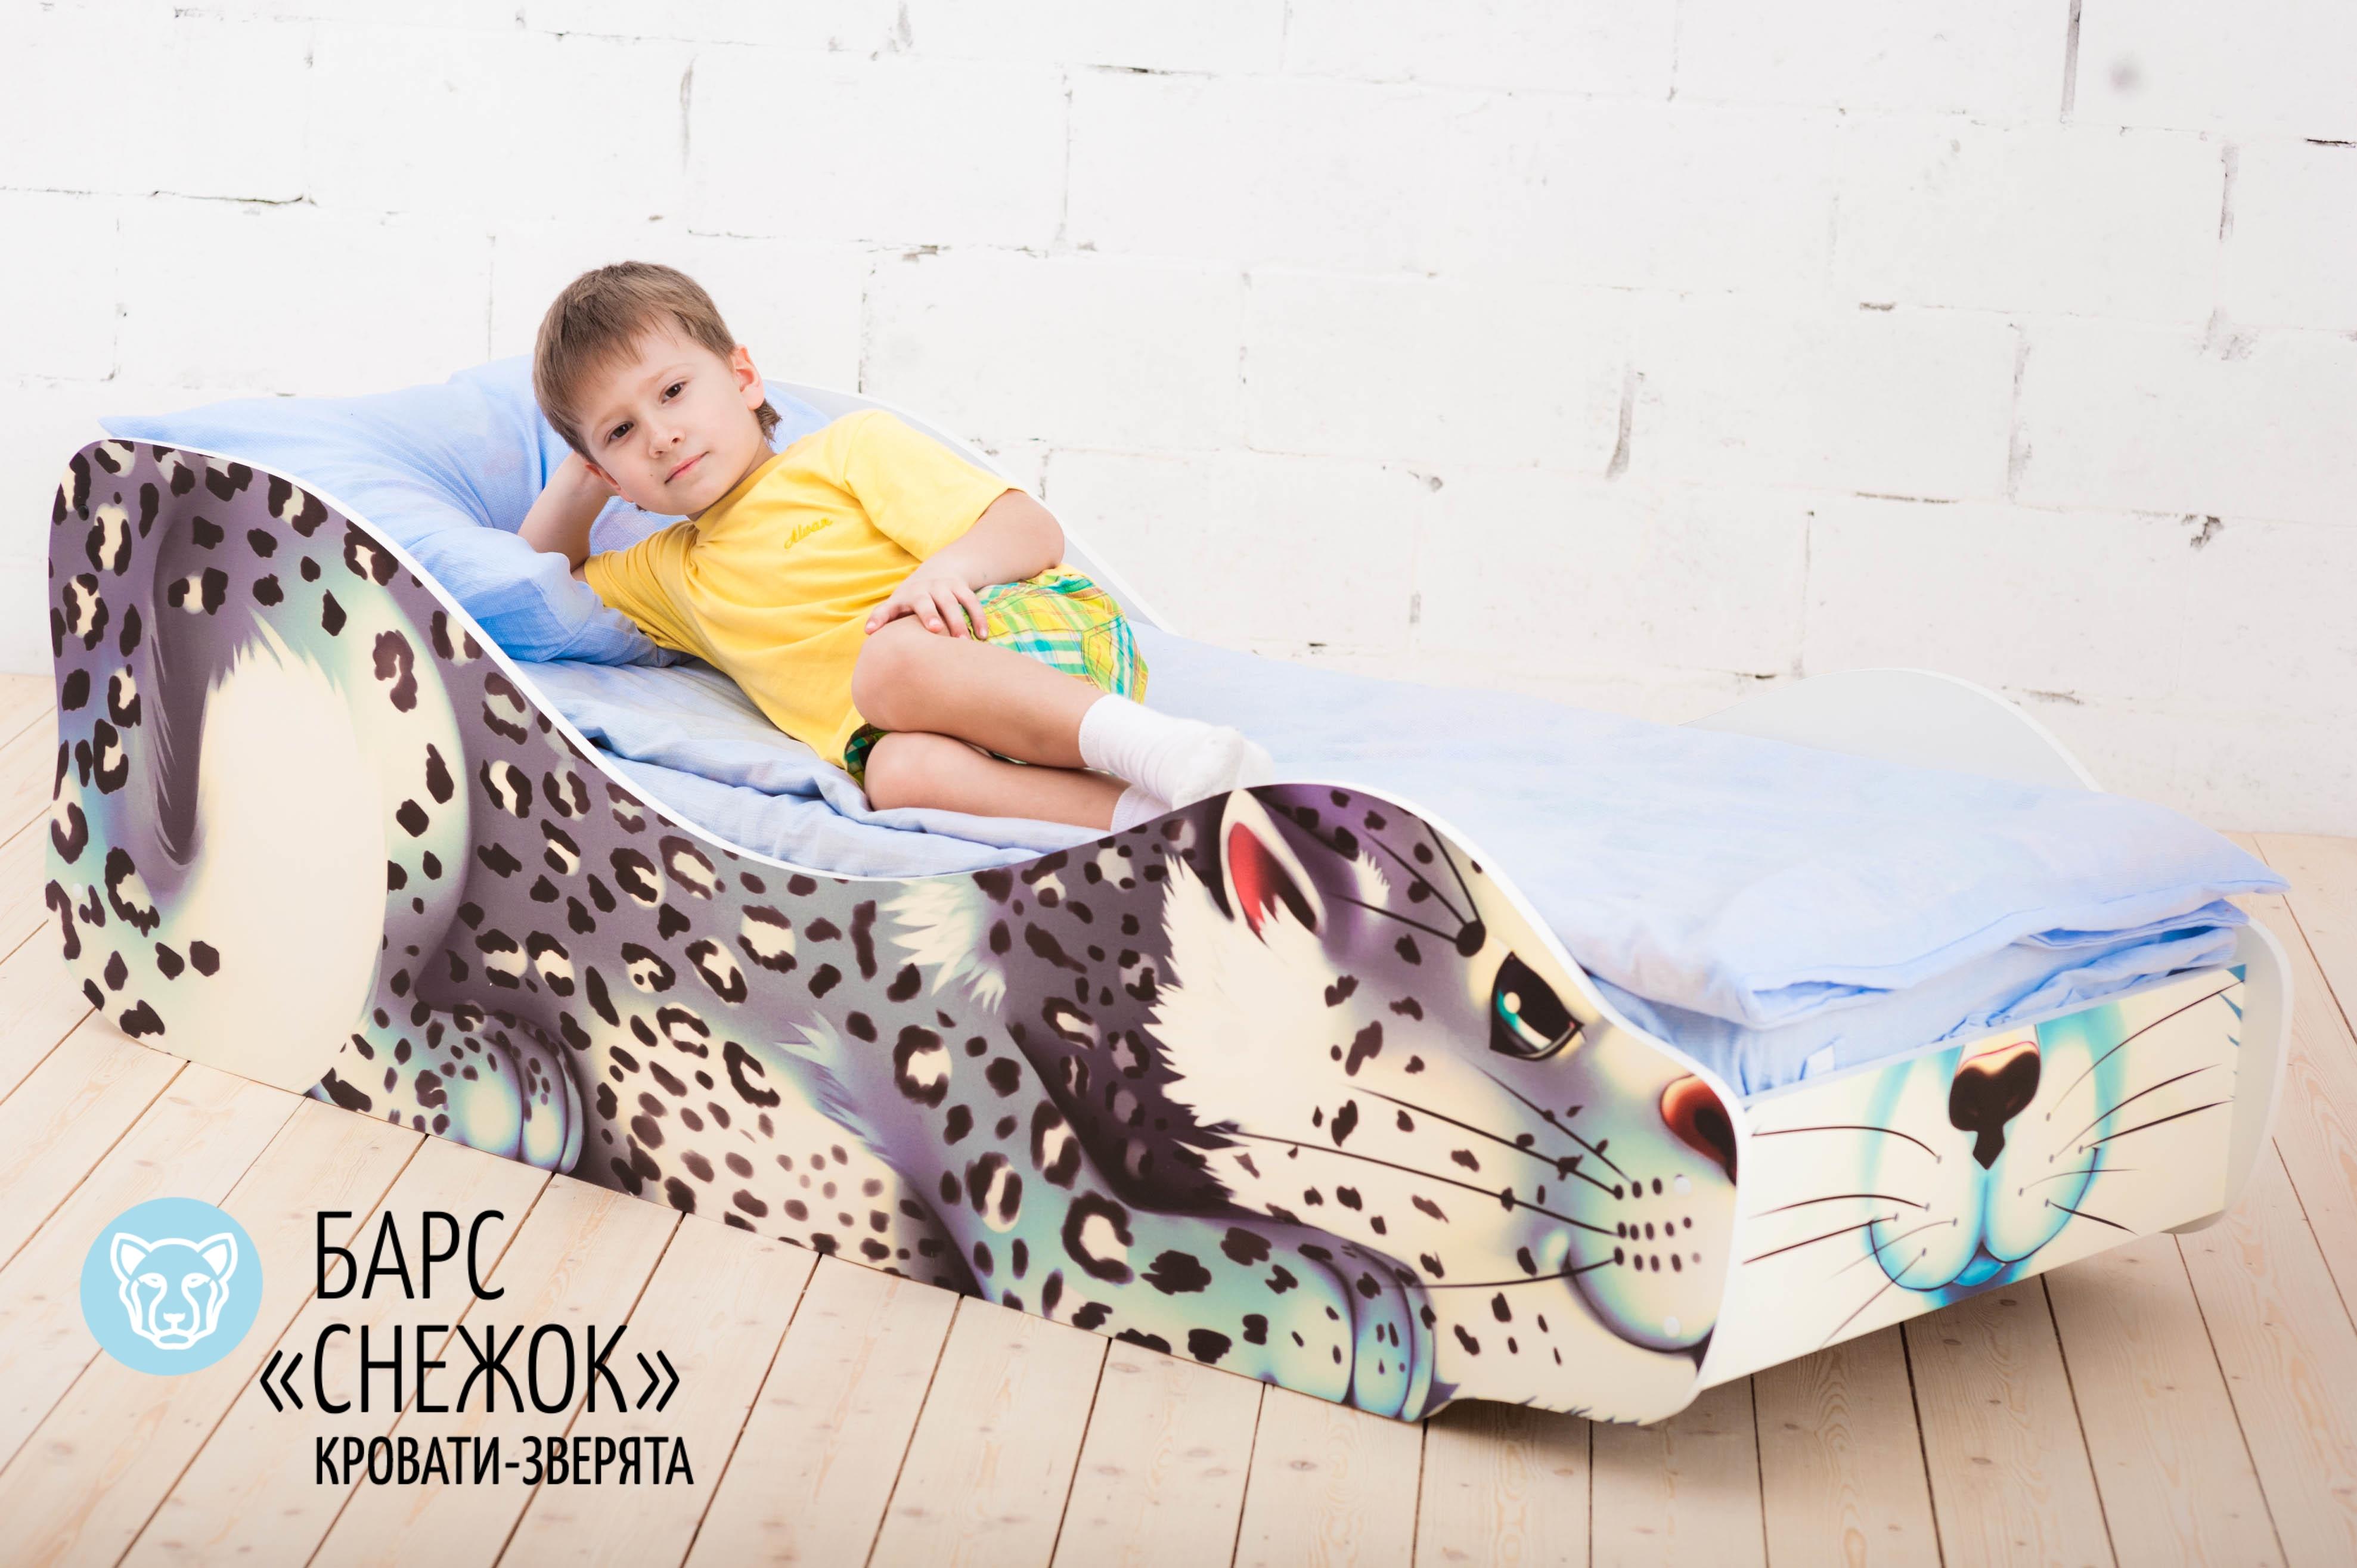 Детская кровать-зверенок -Барс-Снежок-21